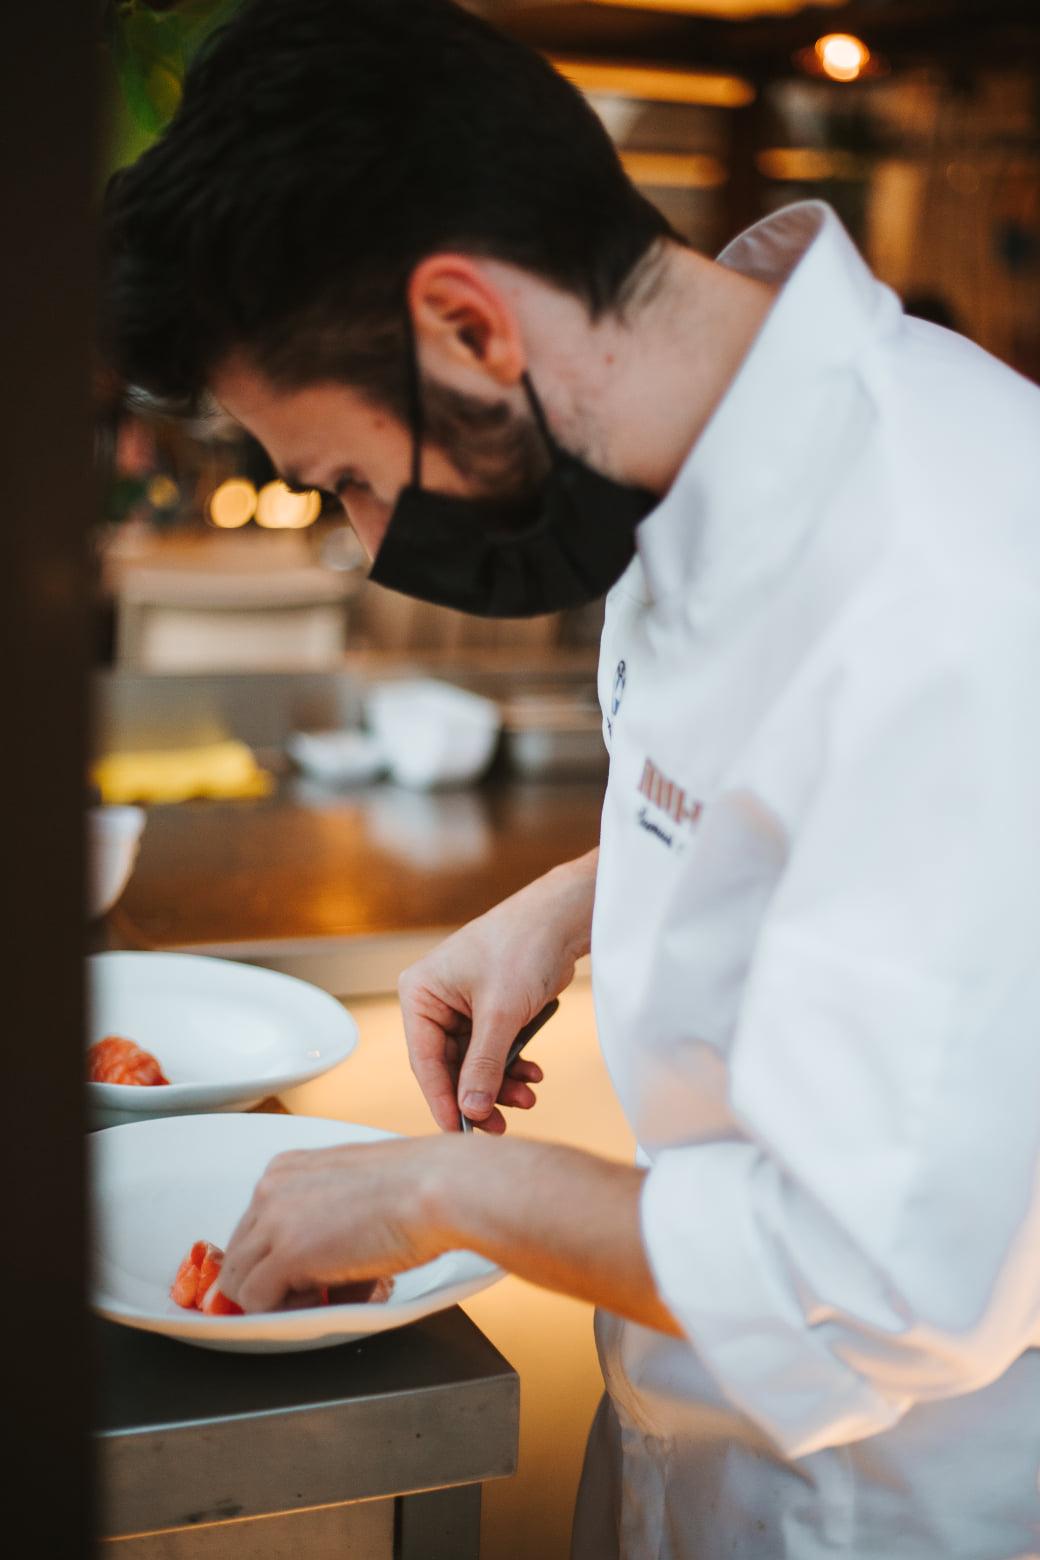 La noche de cocina Nikkei en el restaurante La Violeta, un evento culinario de primer nivel 30